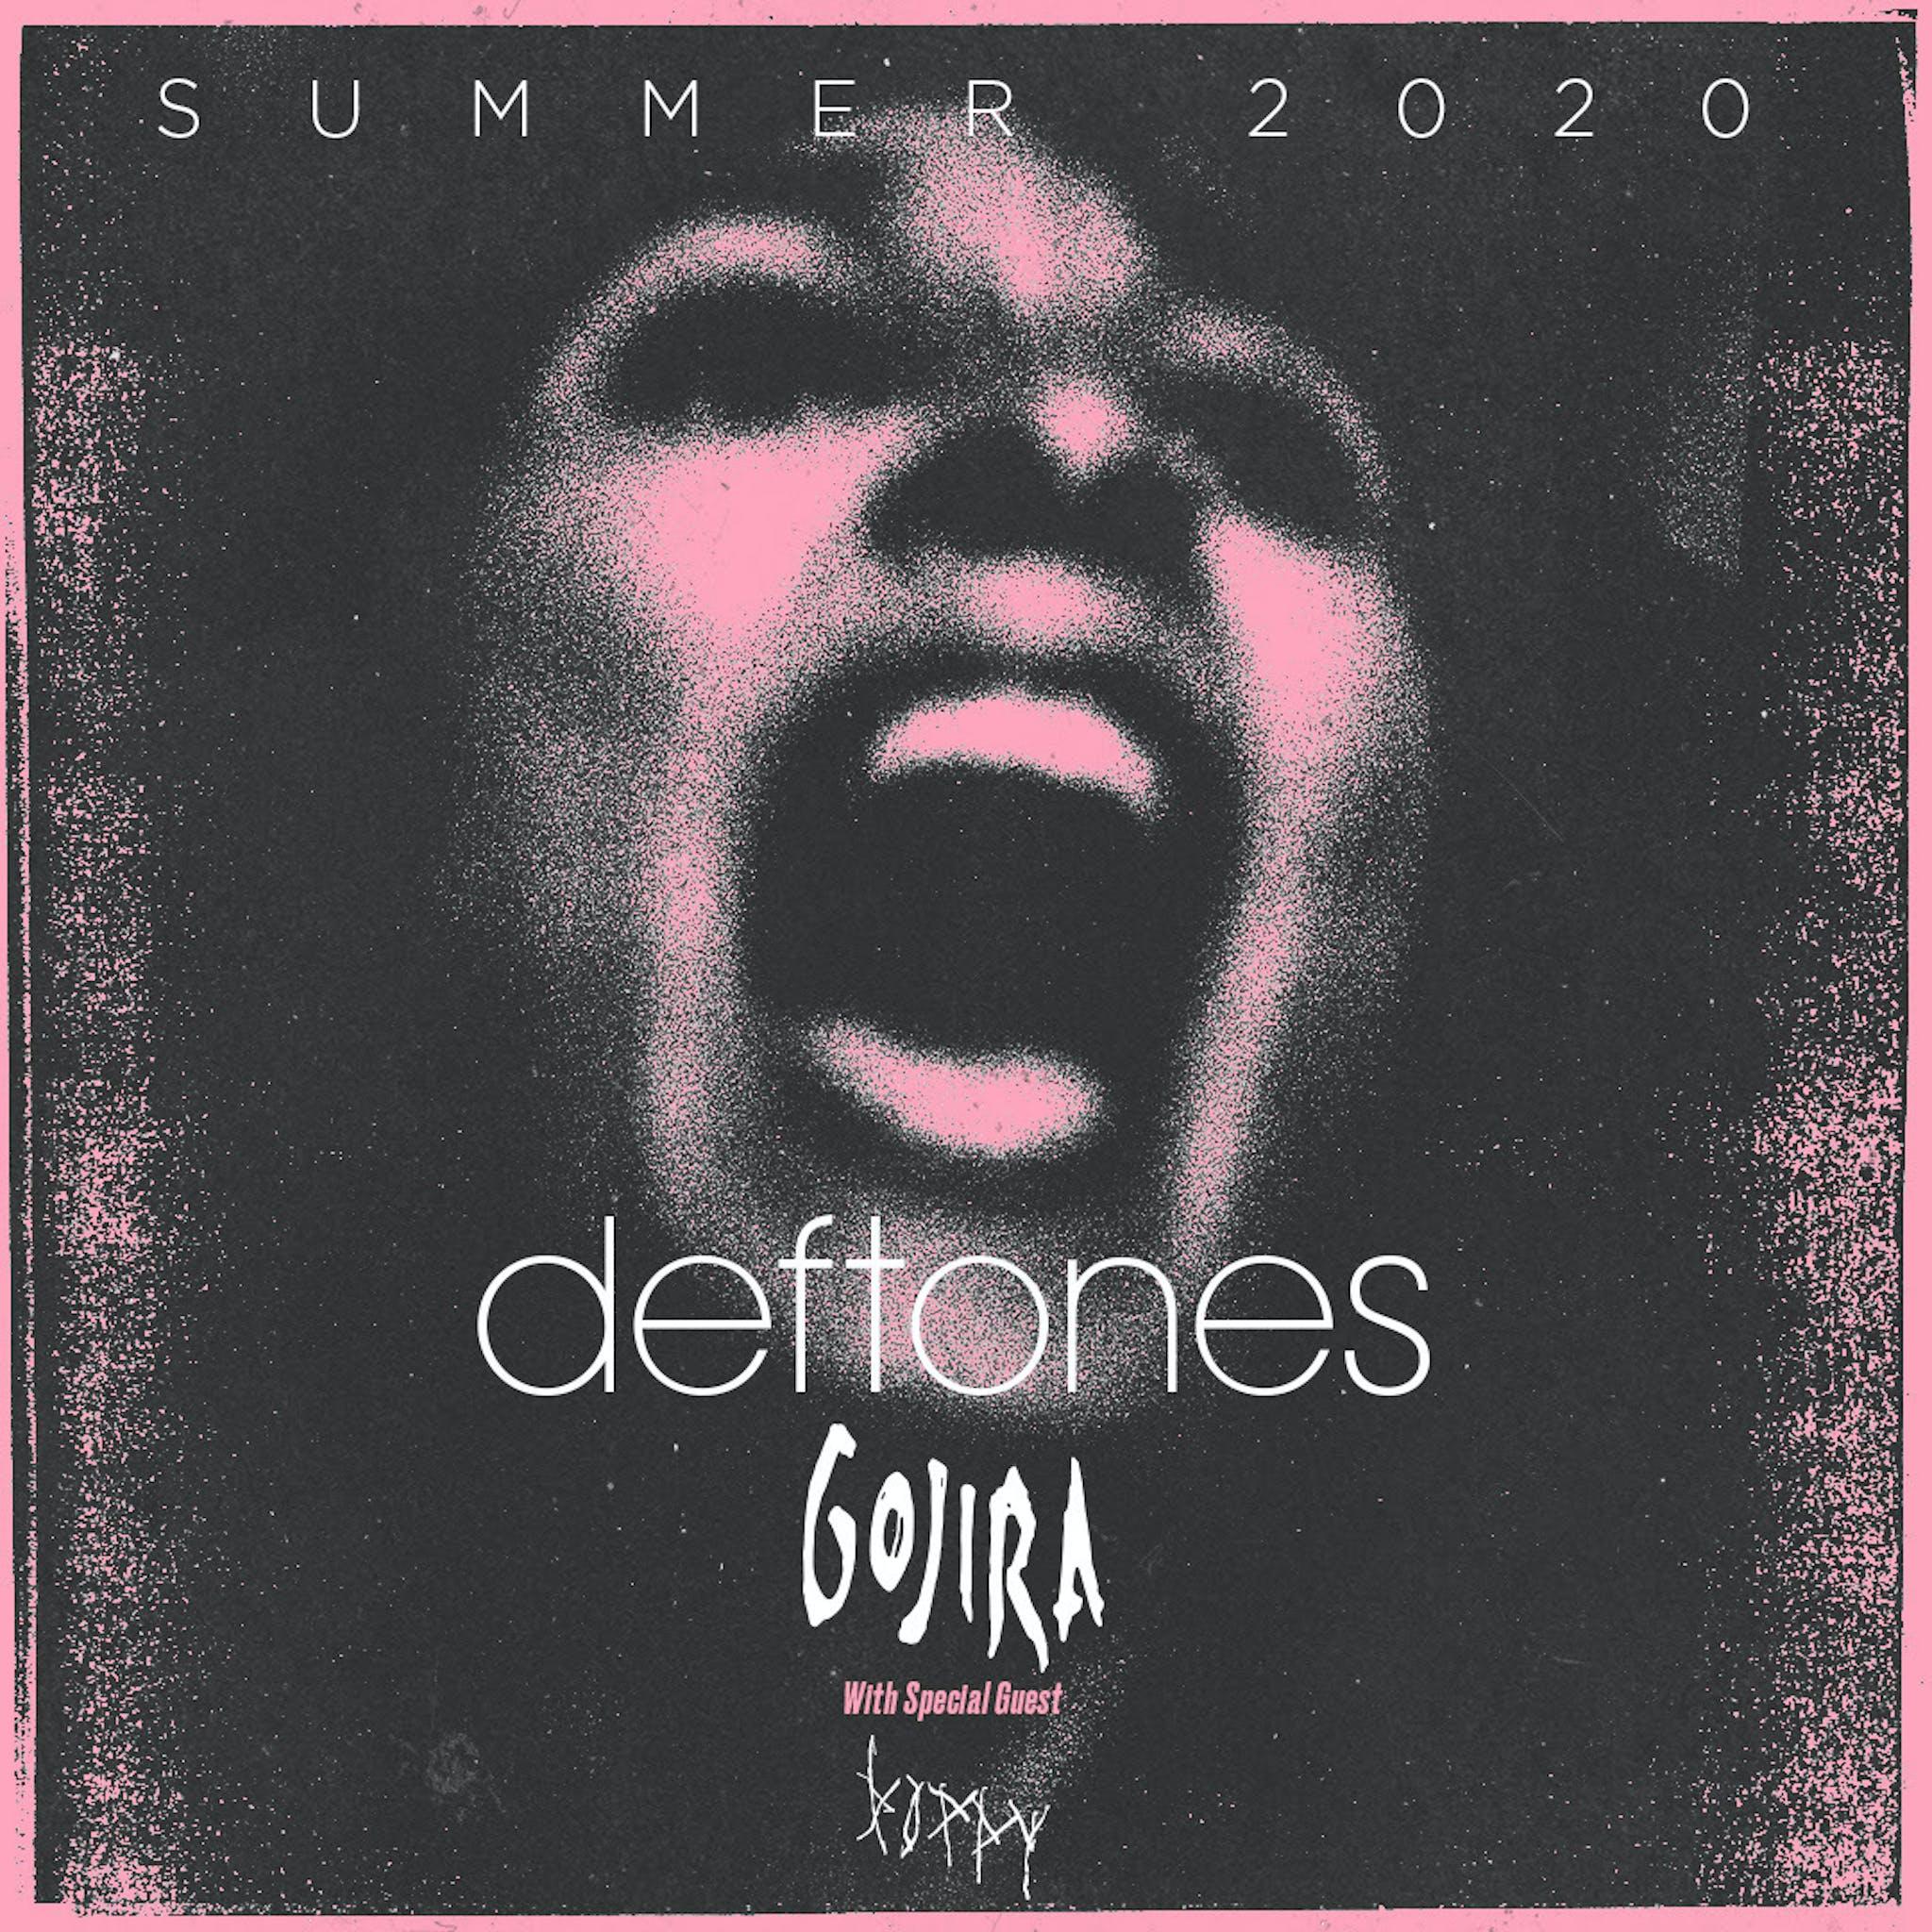 Deftones Gojira Tour 2020 Flyer